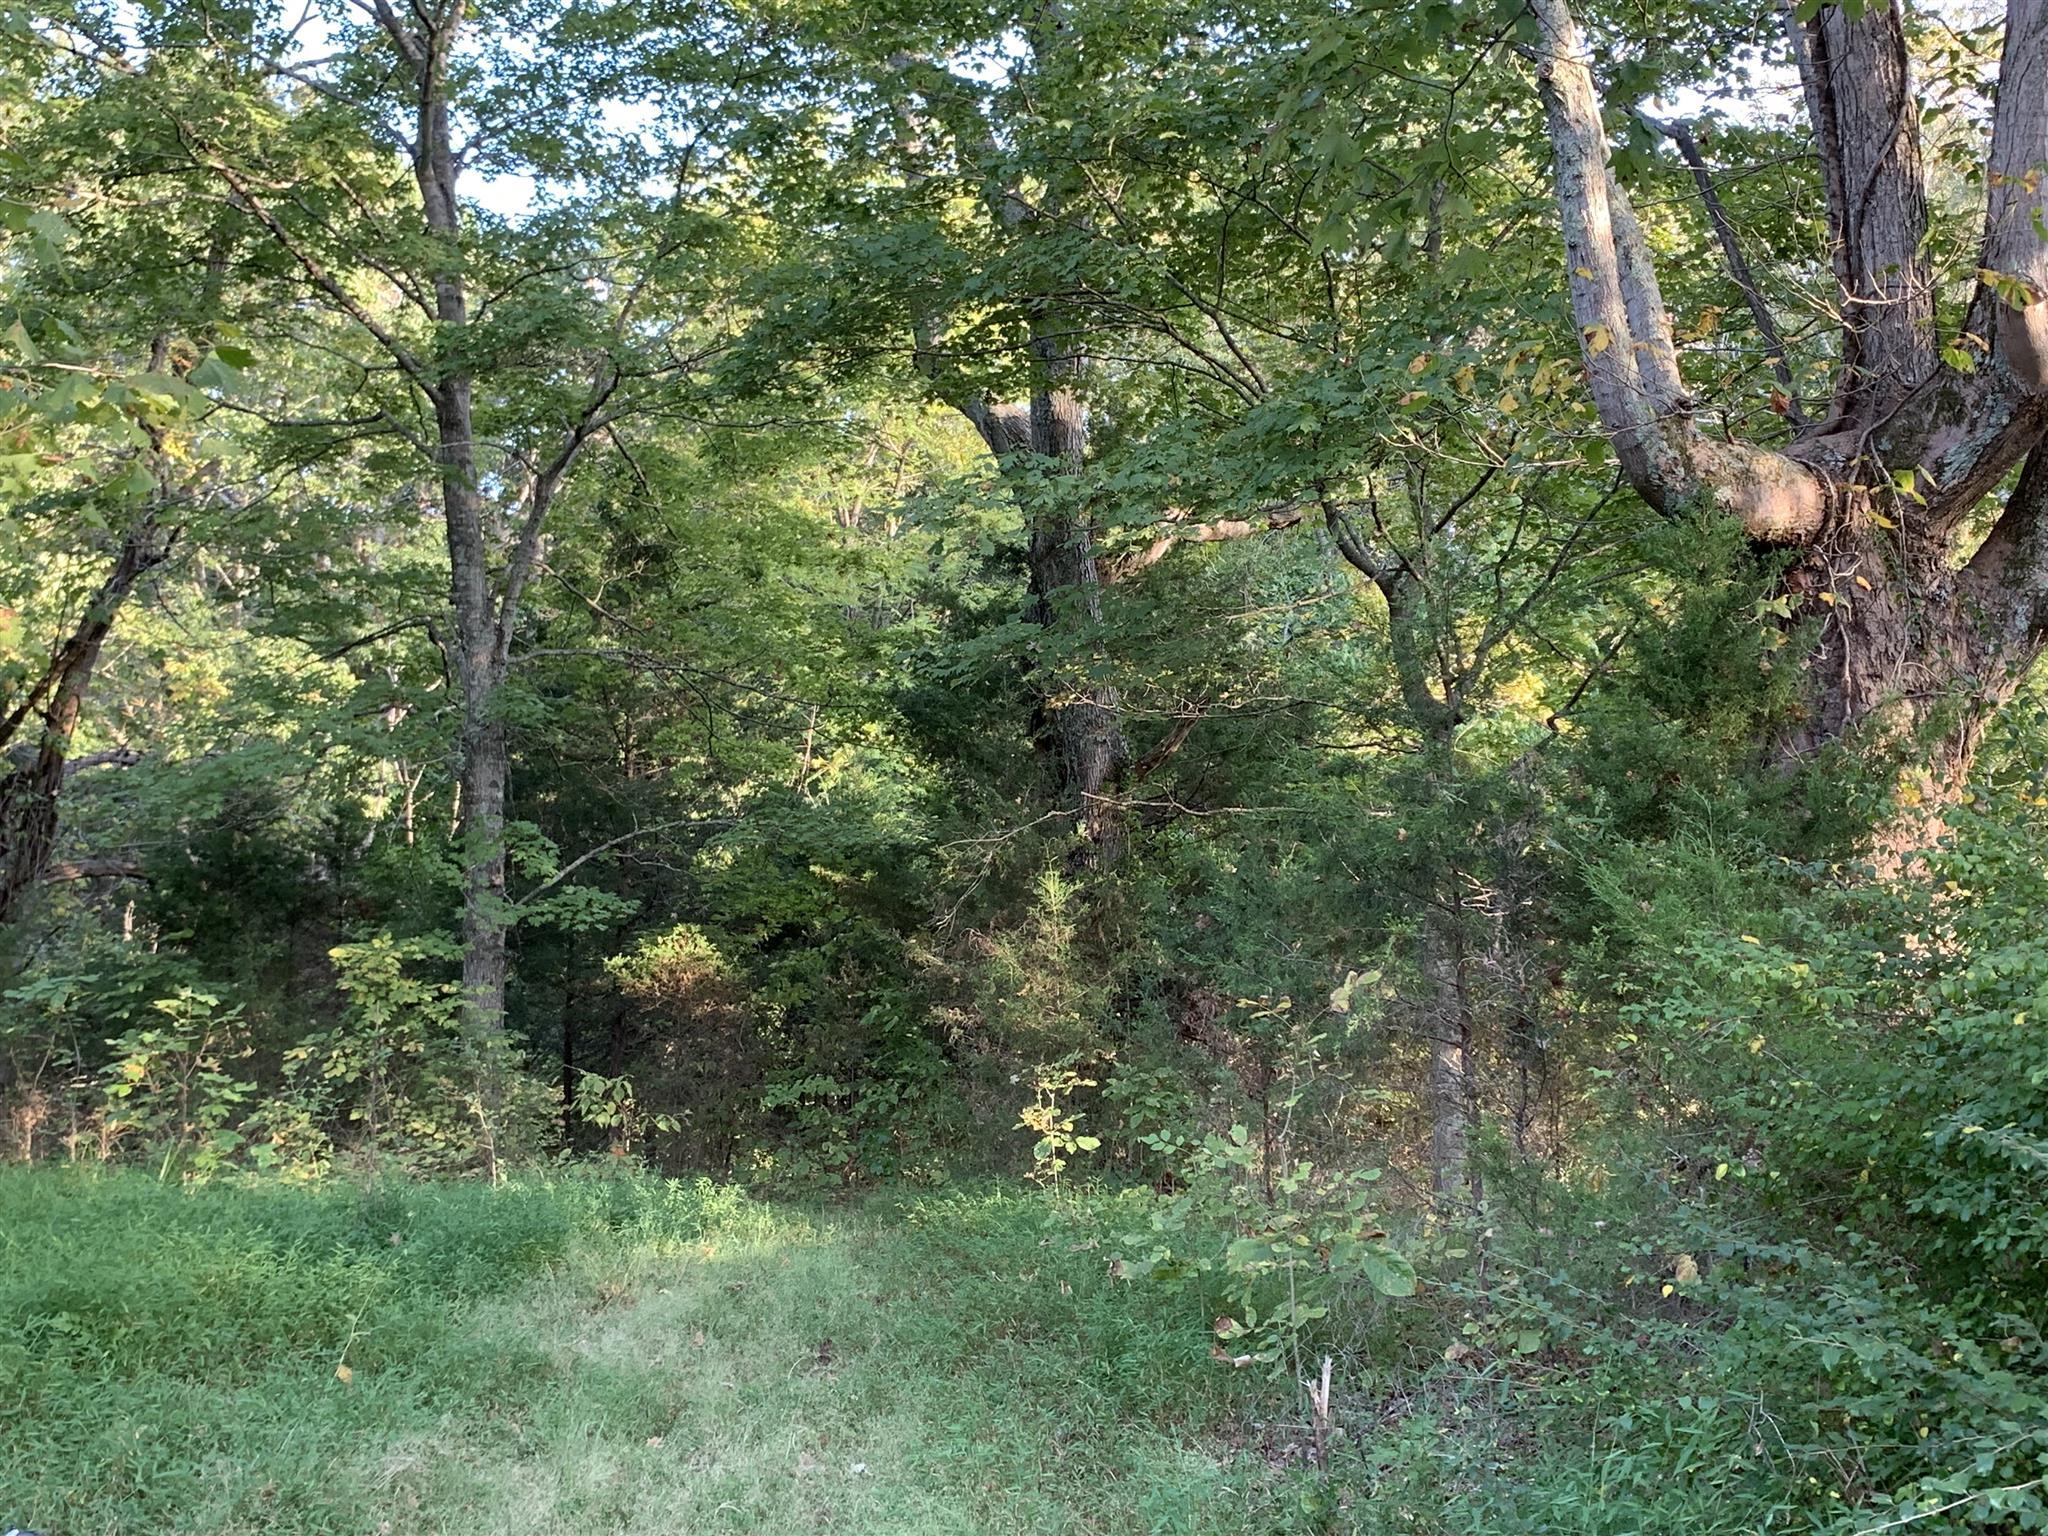 0 Lake Rd, Woodlawn, TN 37191 - Woodlawn, TN real estate listing